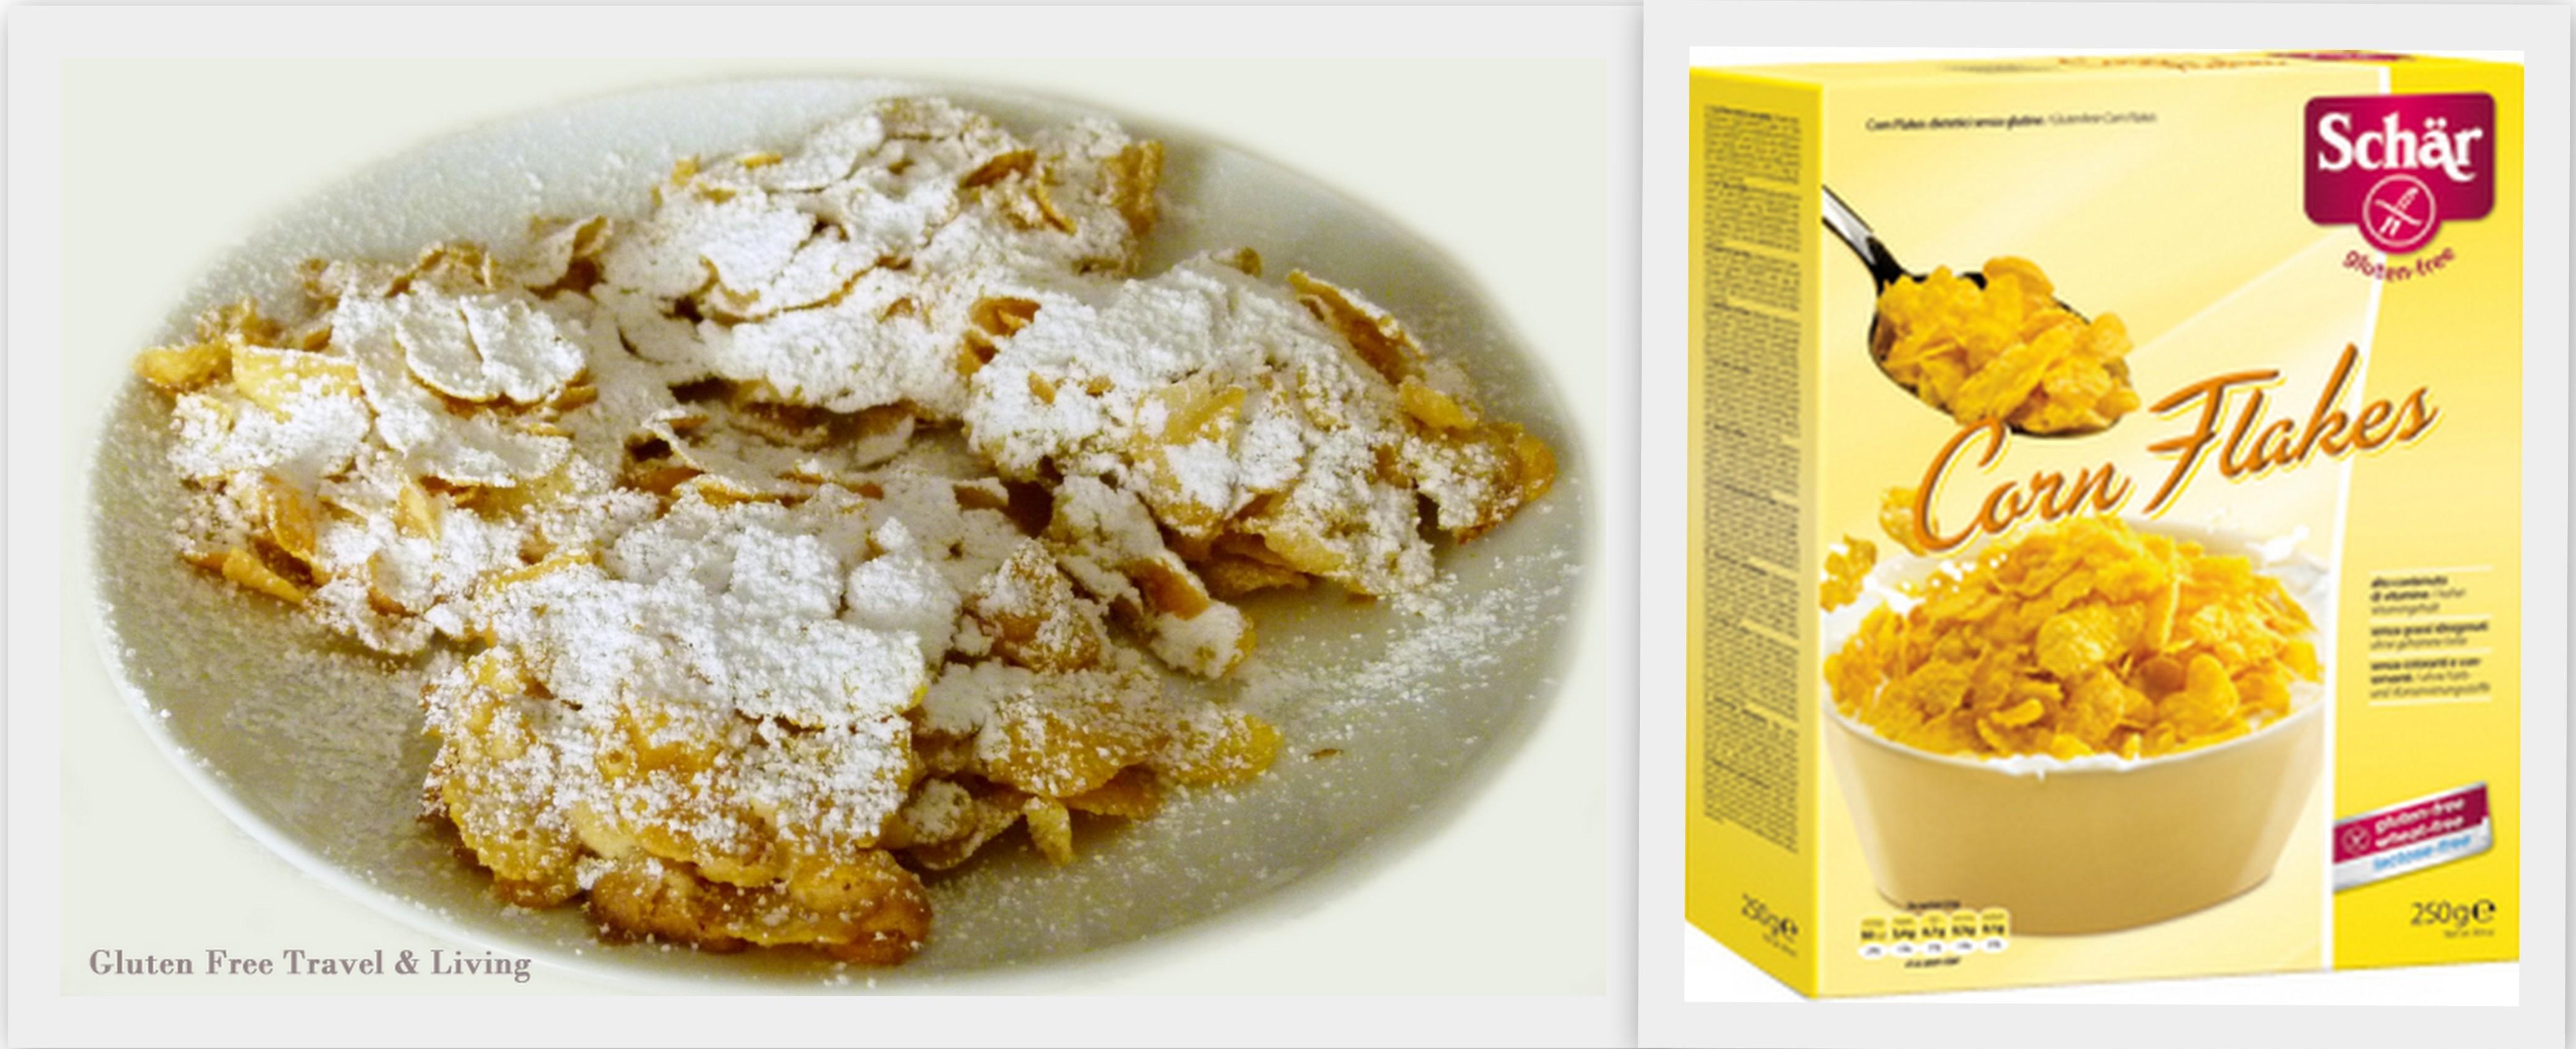 Rose del deserto senza glutine con Corn Flakes Schär - Gluten Free Travel and Living